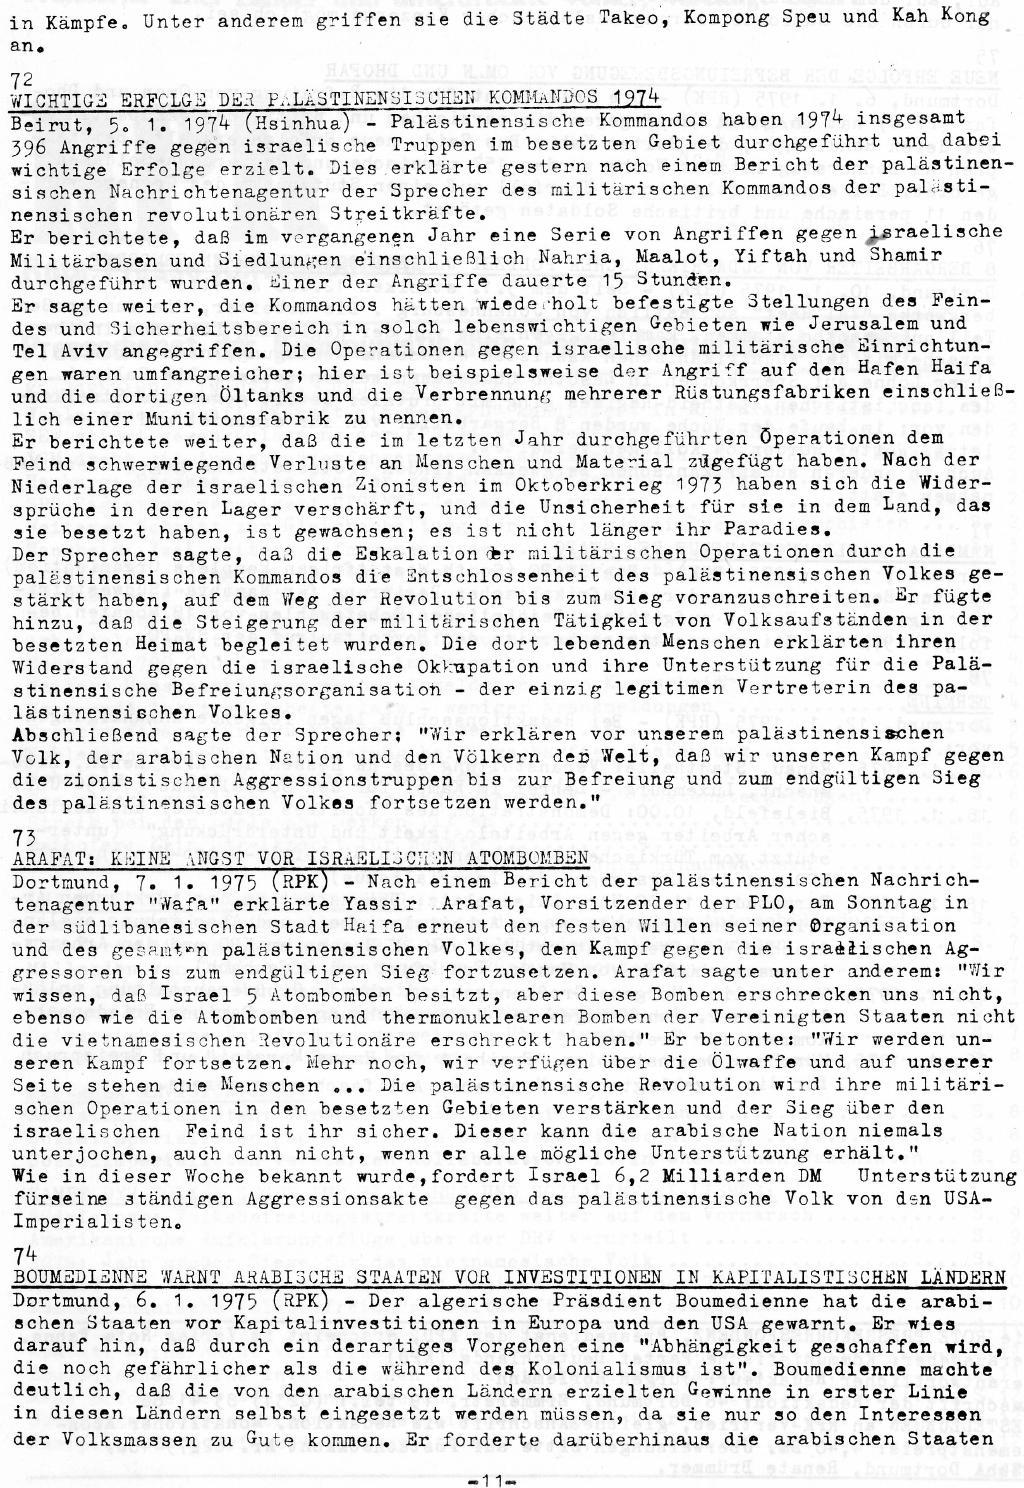 RPK_Pressedienst_1975_08_11